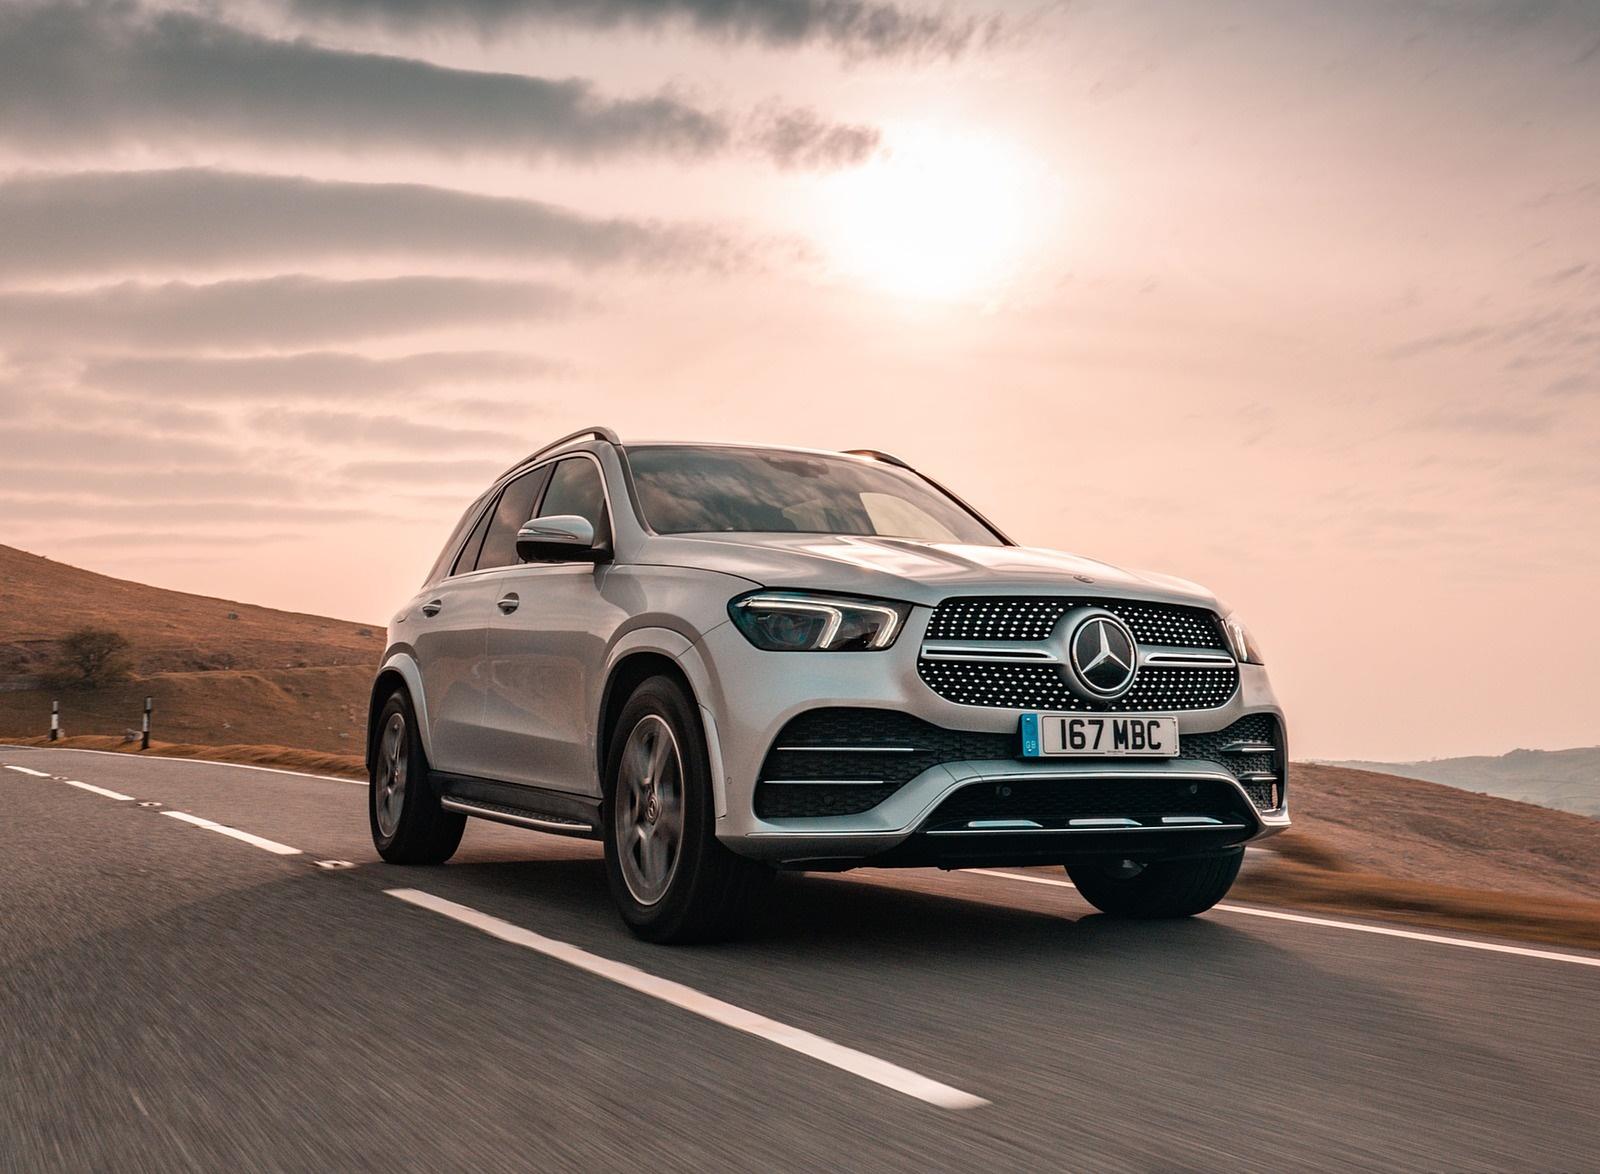 2020 Mercedes-Benz GLE 300d (UK-Spec) Front Three-Quarter Wallpapers (6)